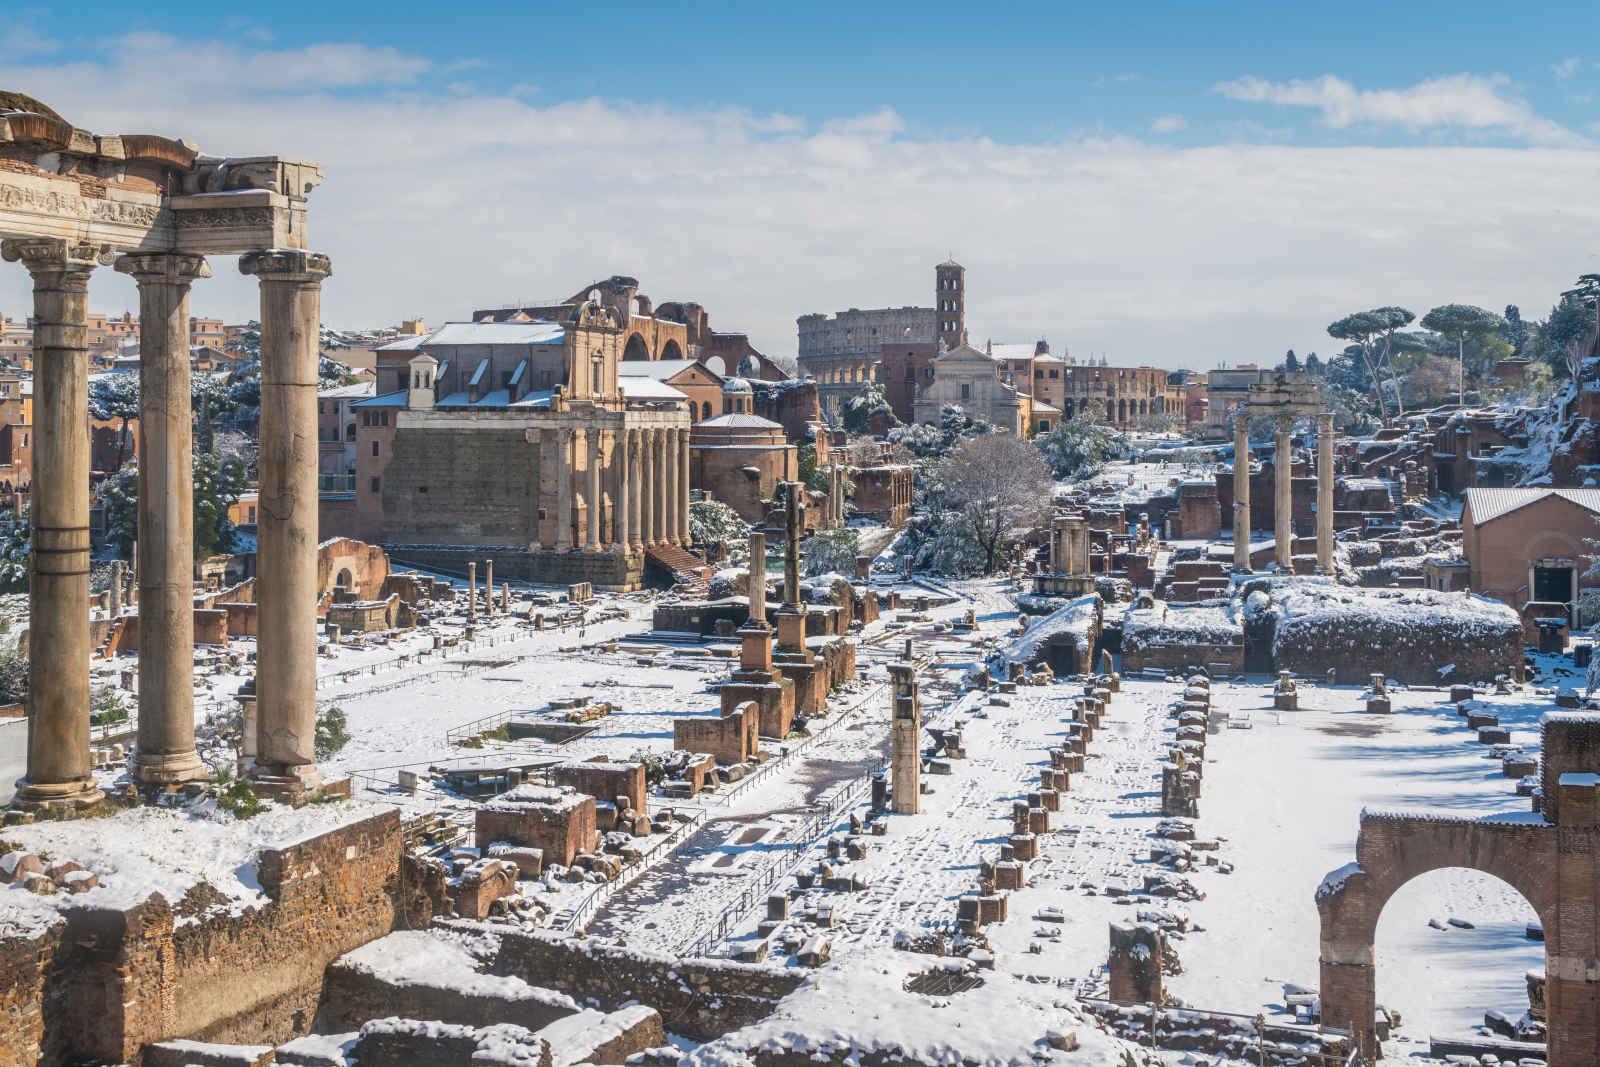 Italie - Rome - Circuit Rome Ville Eternelle - Spécial Noël